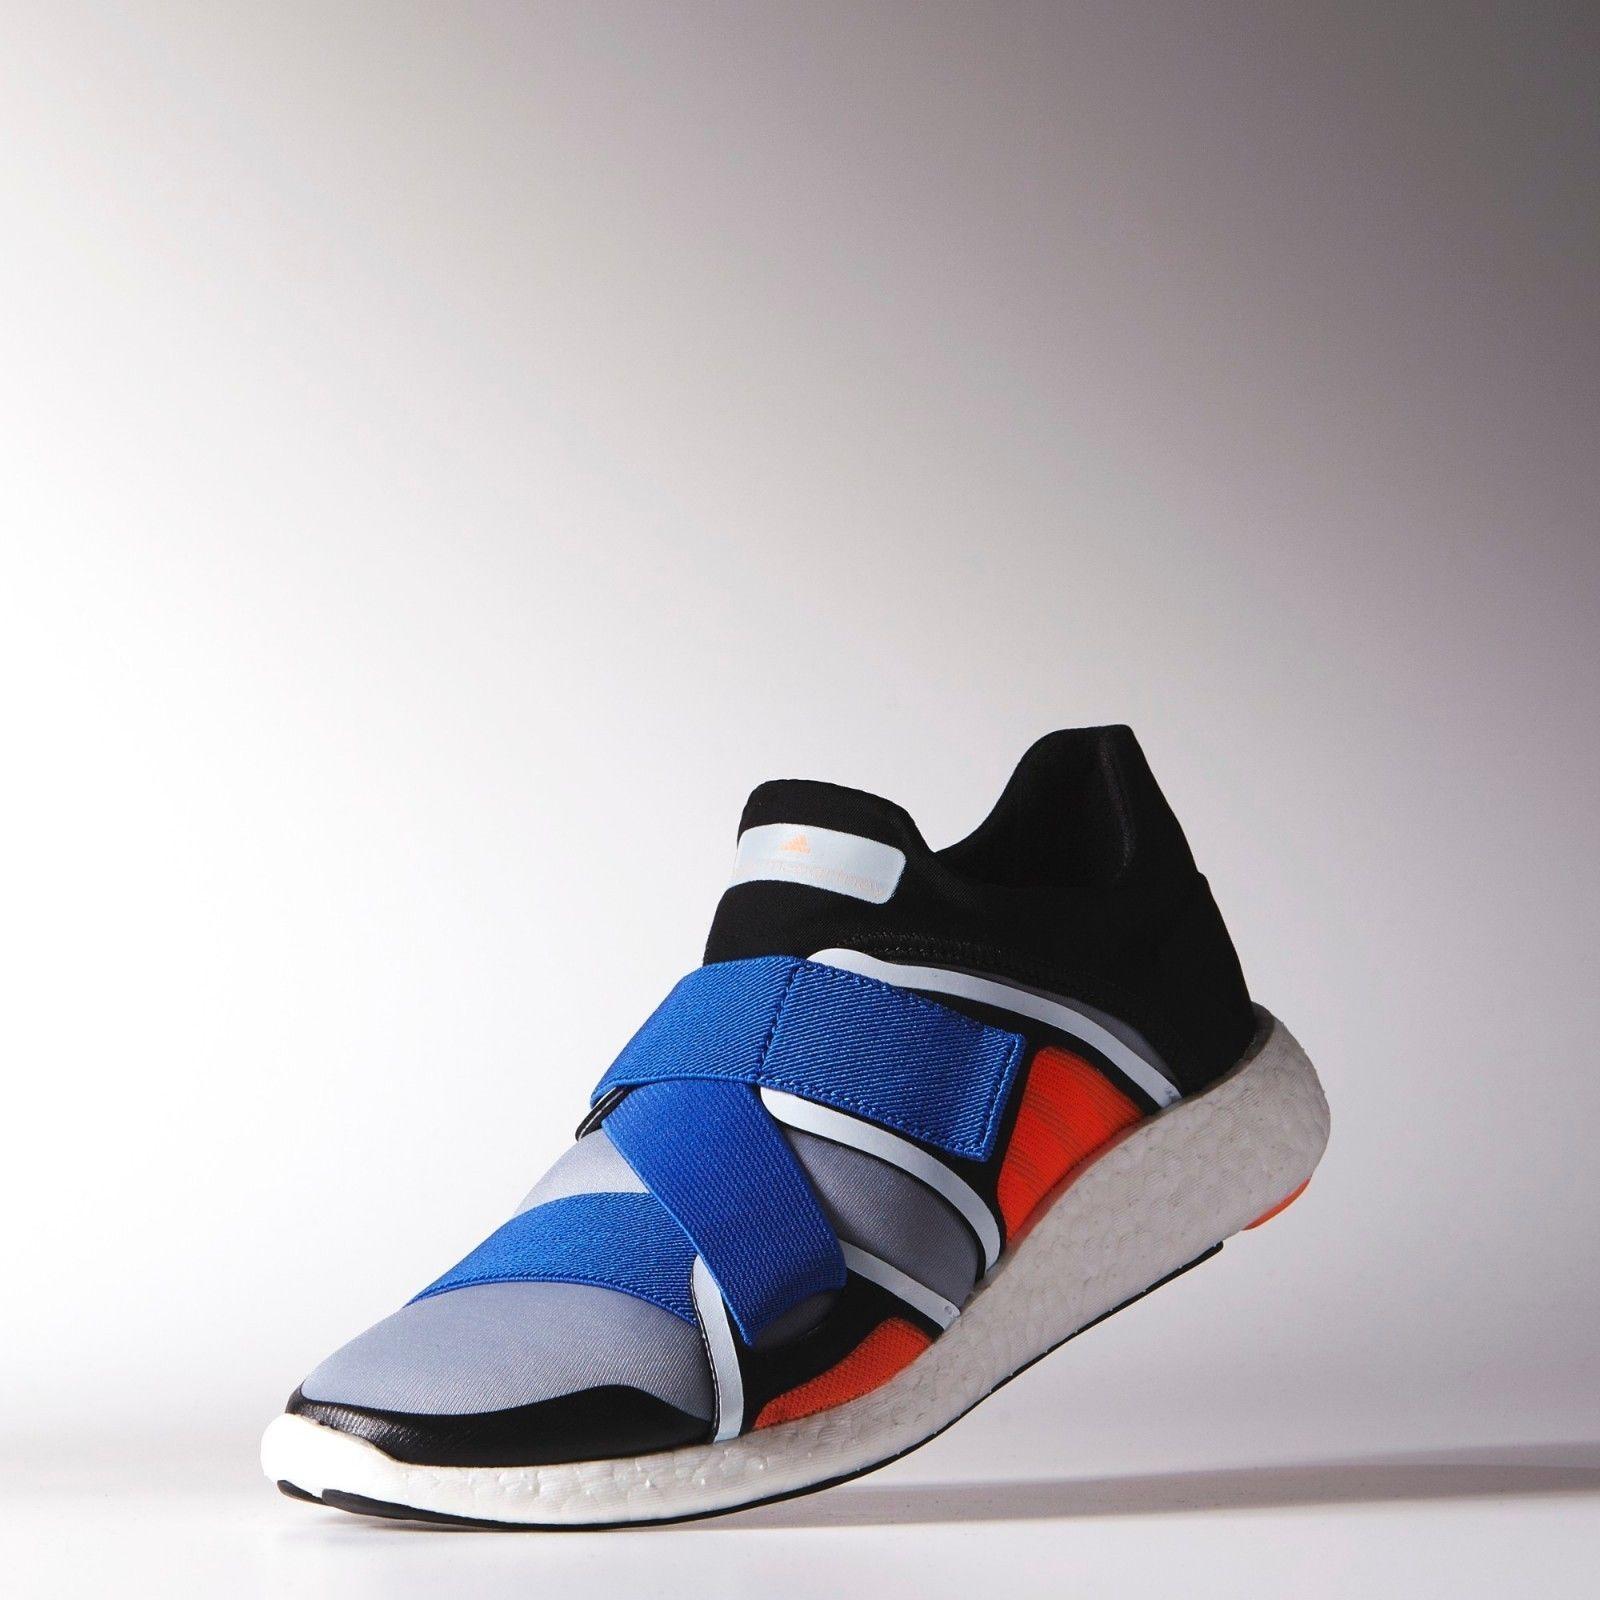 Adidas McCartney Pure Boost by Stella McCartney Adidas femmes Running M19103 00557e